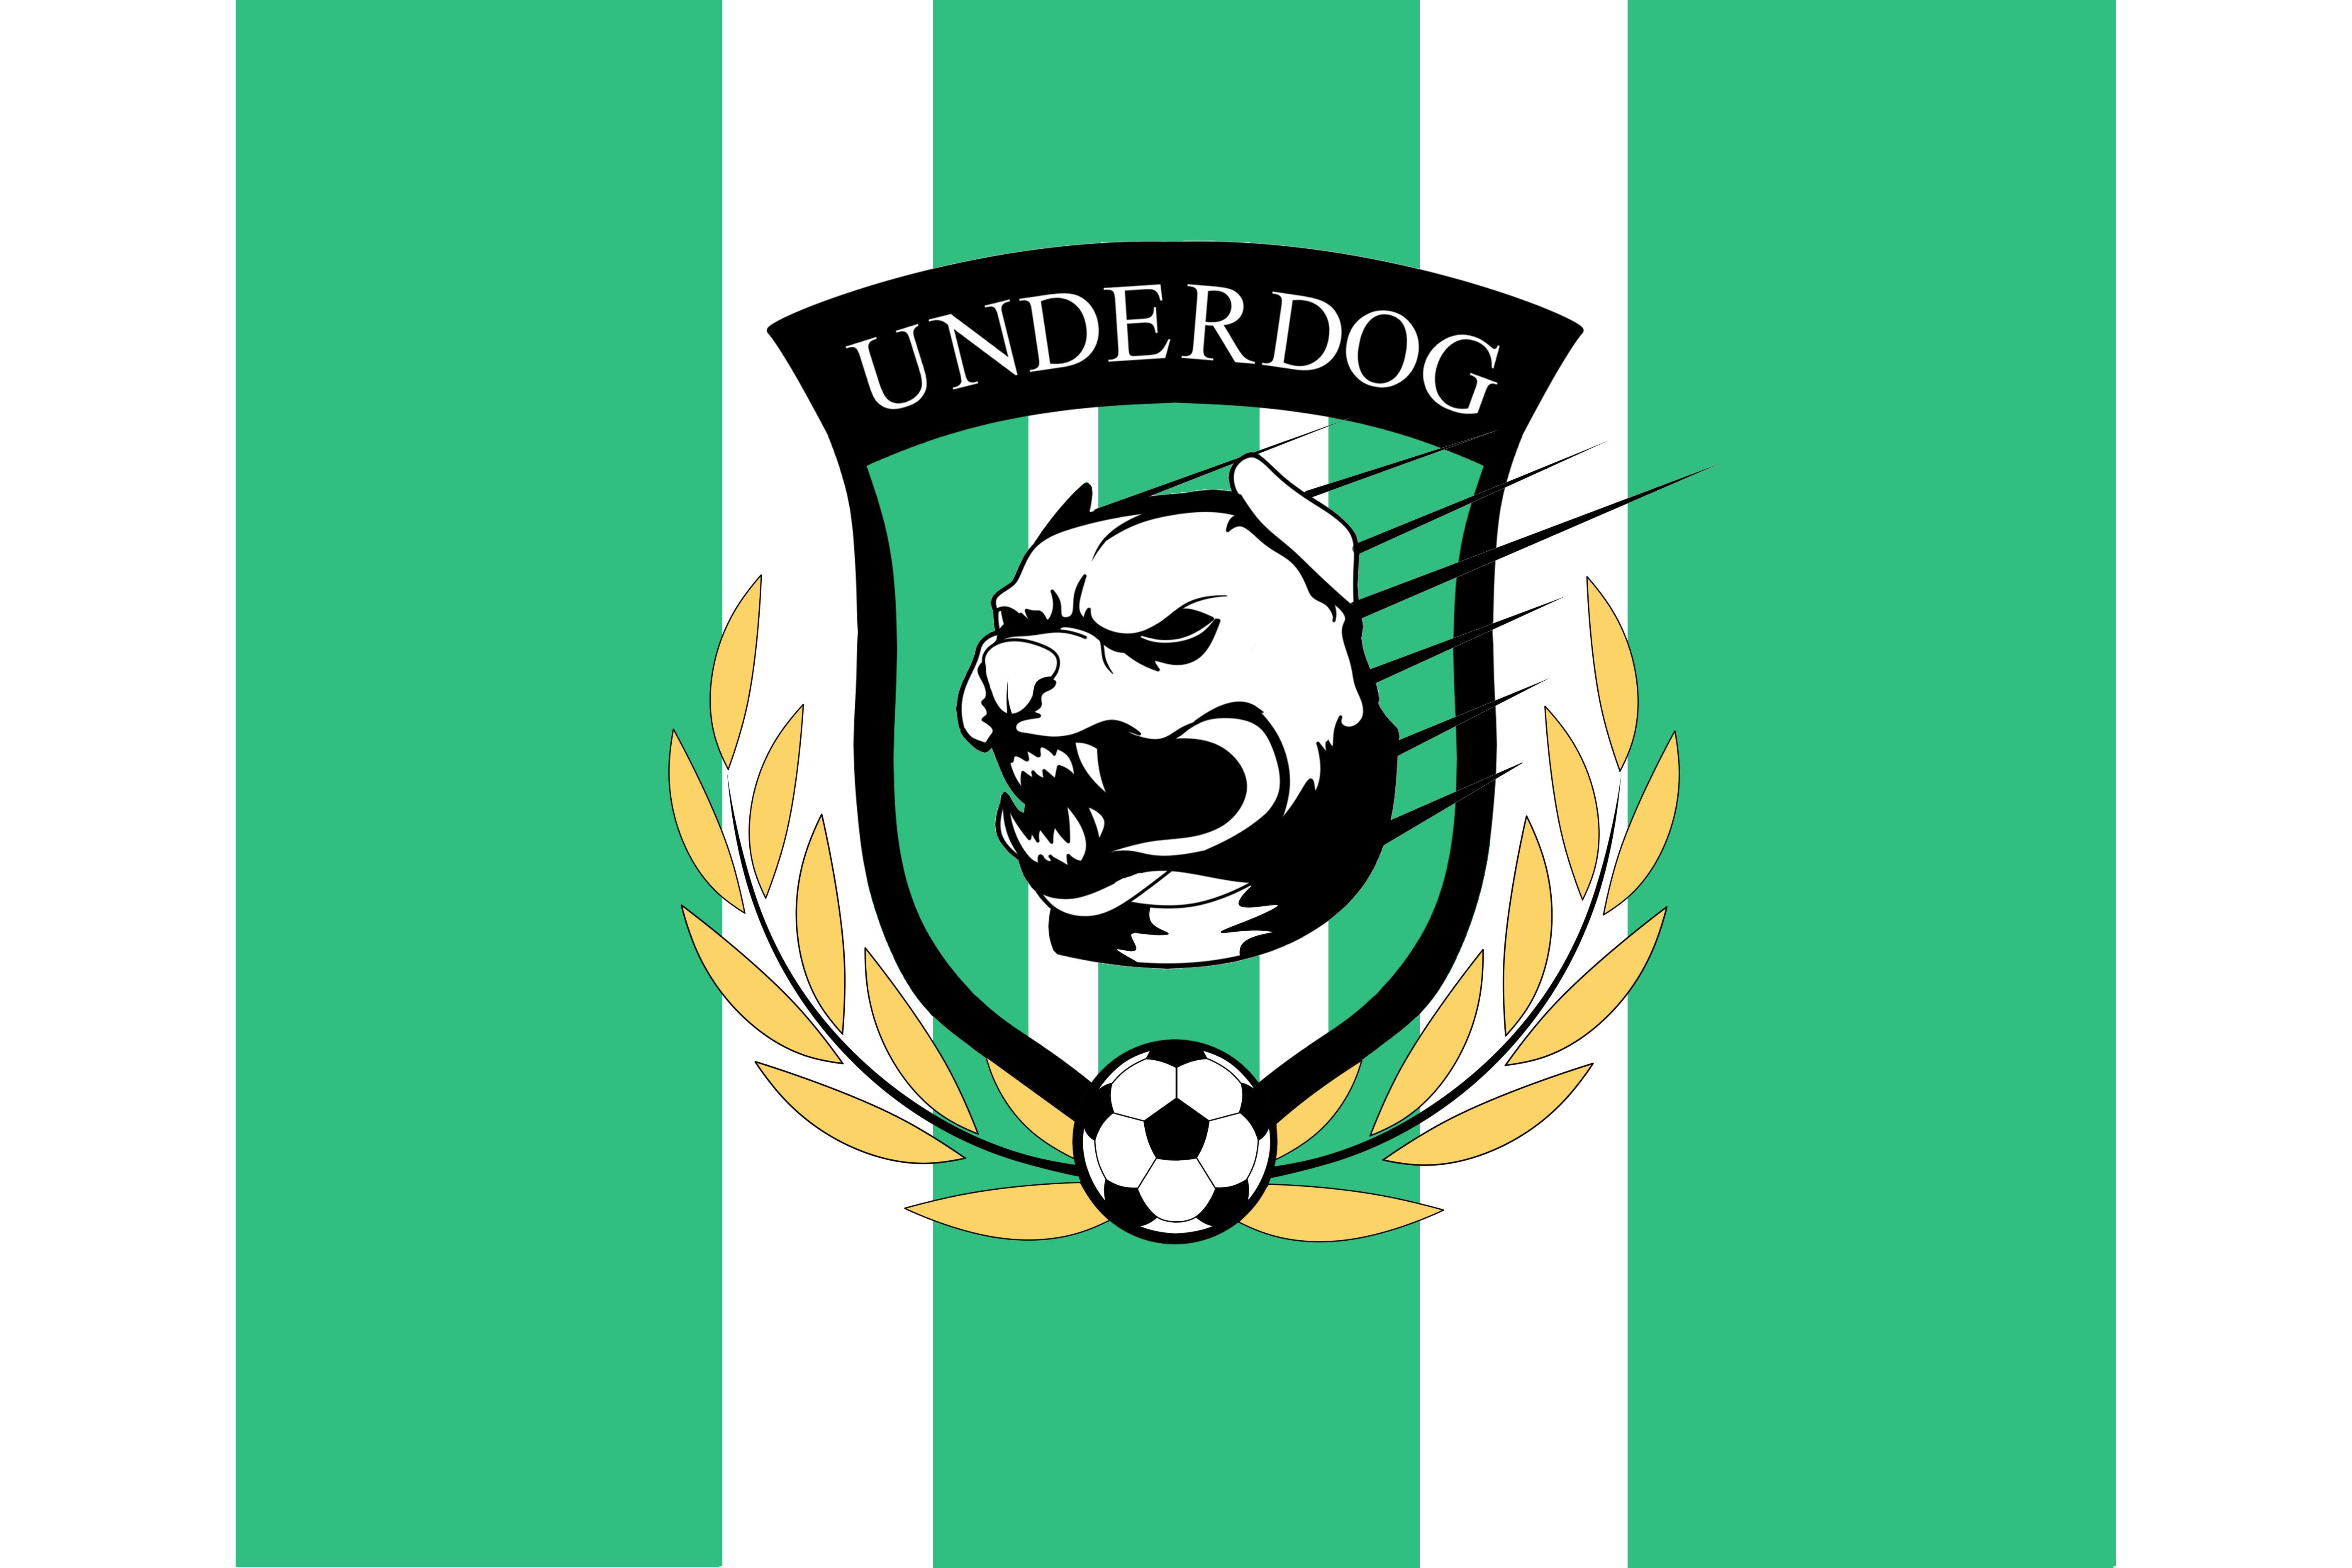 Футбольный клуб UNDERDOG - разработать фирстиль и бренд-бук фото f_9805caf3862eeb34.png